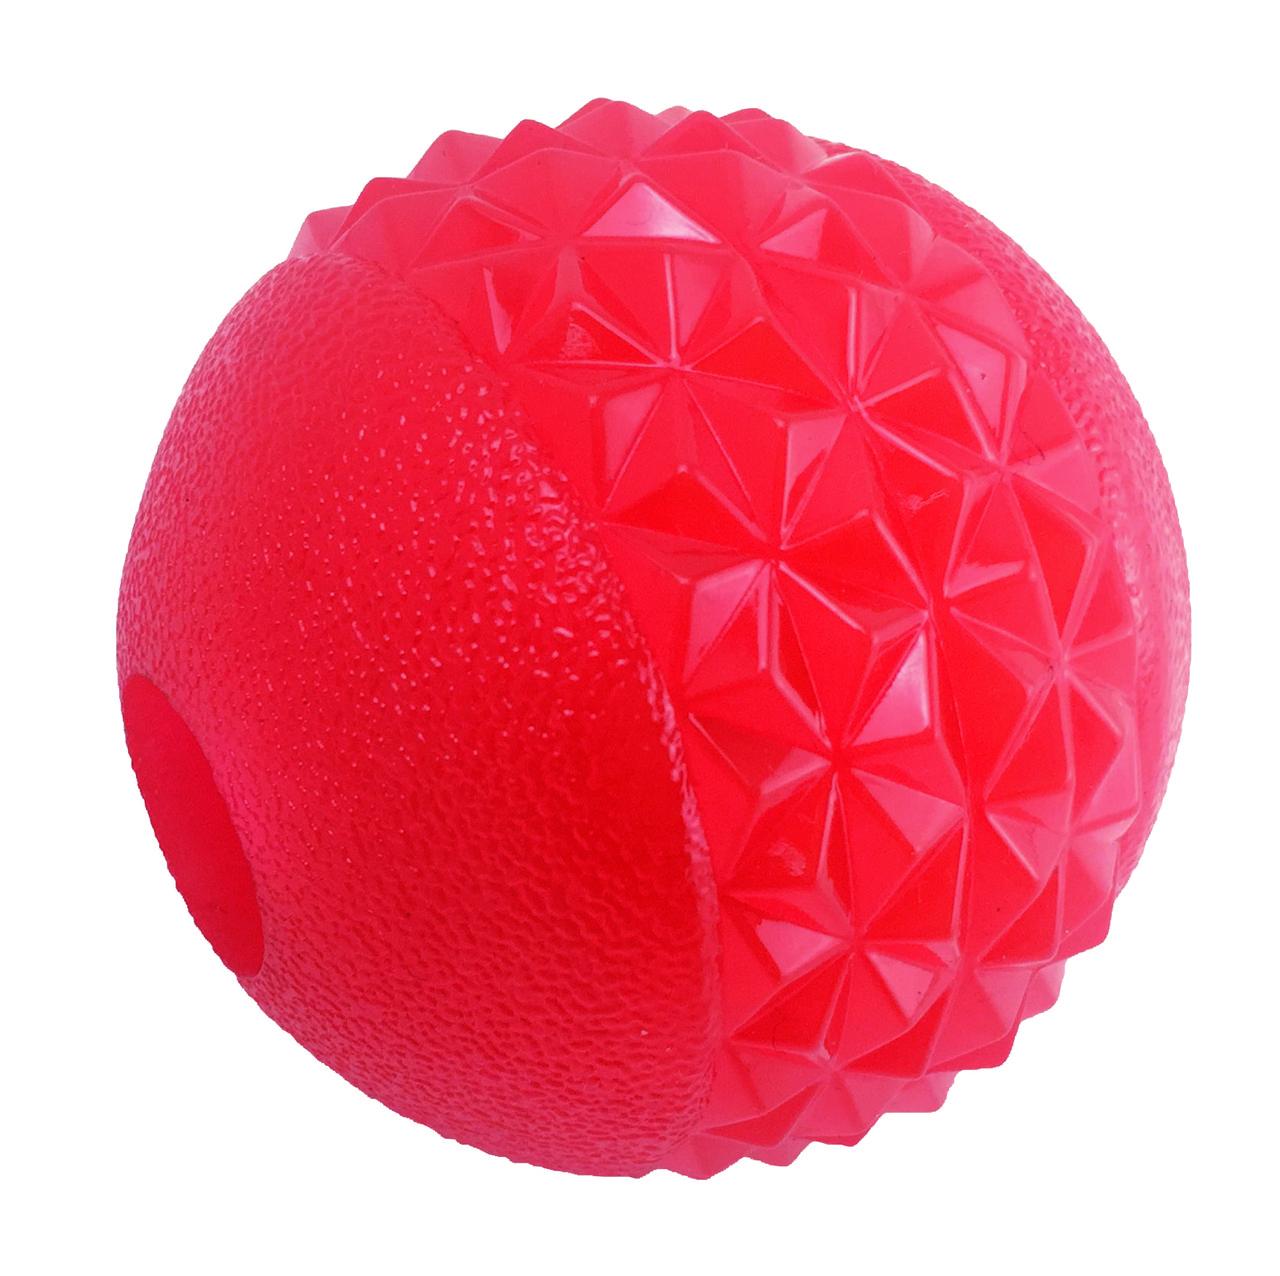 Игрушка для собак CROCI TPR. Мяч, высокопрочная резина, 6,2 см